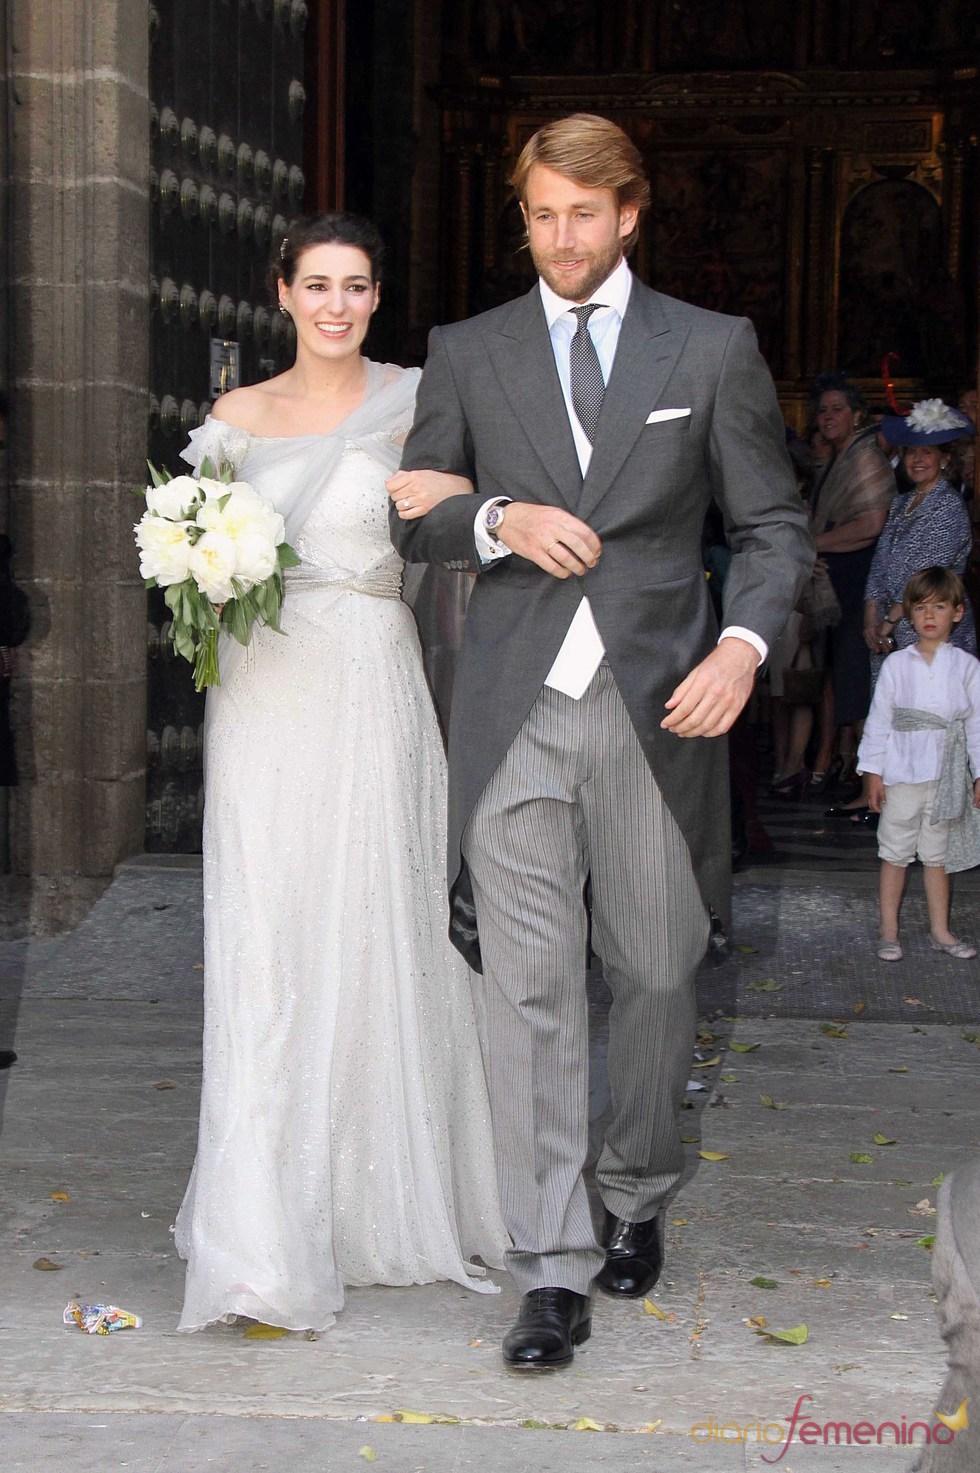 La hija de Berín Osborne con su marido Juan el día de su boda